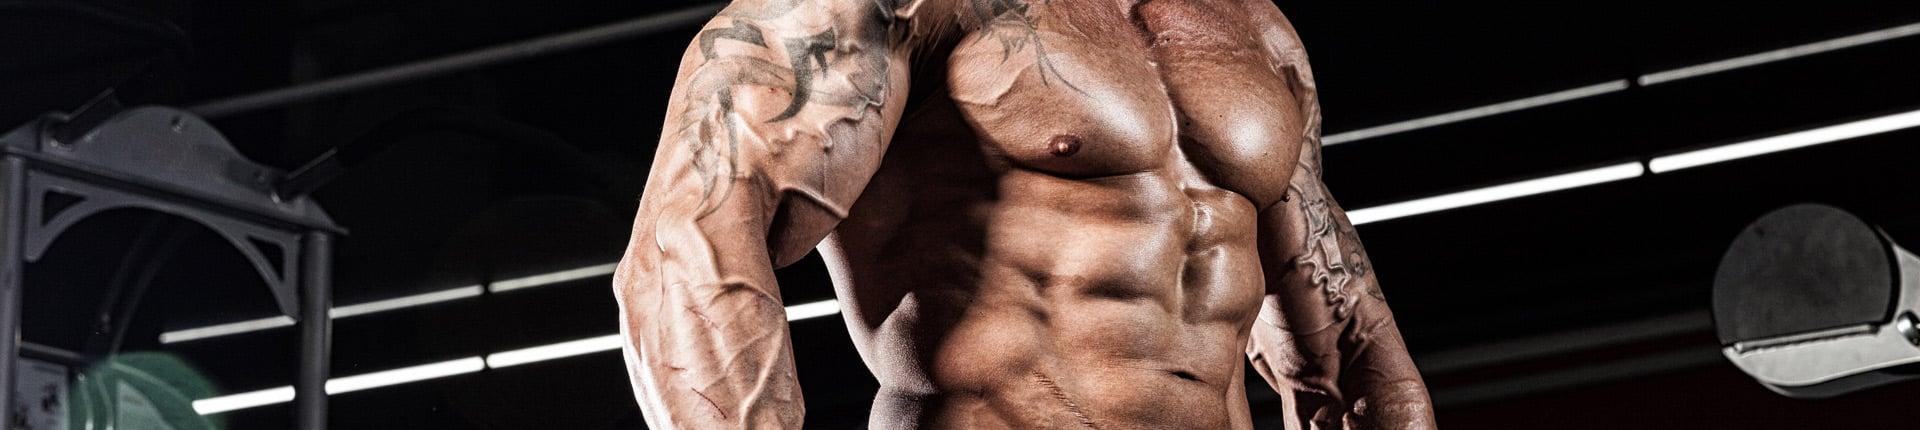 Naczynia krwionośne, a trening siłowy